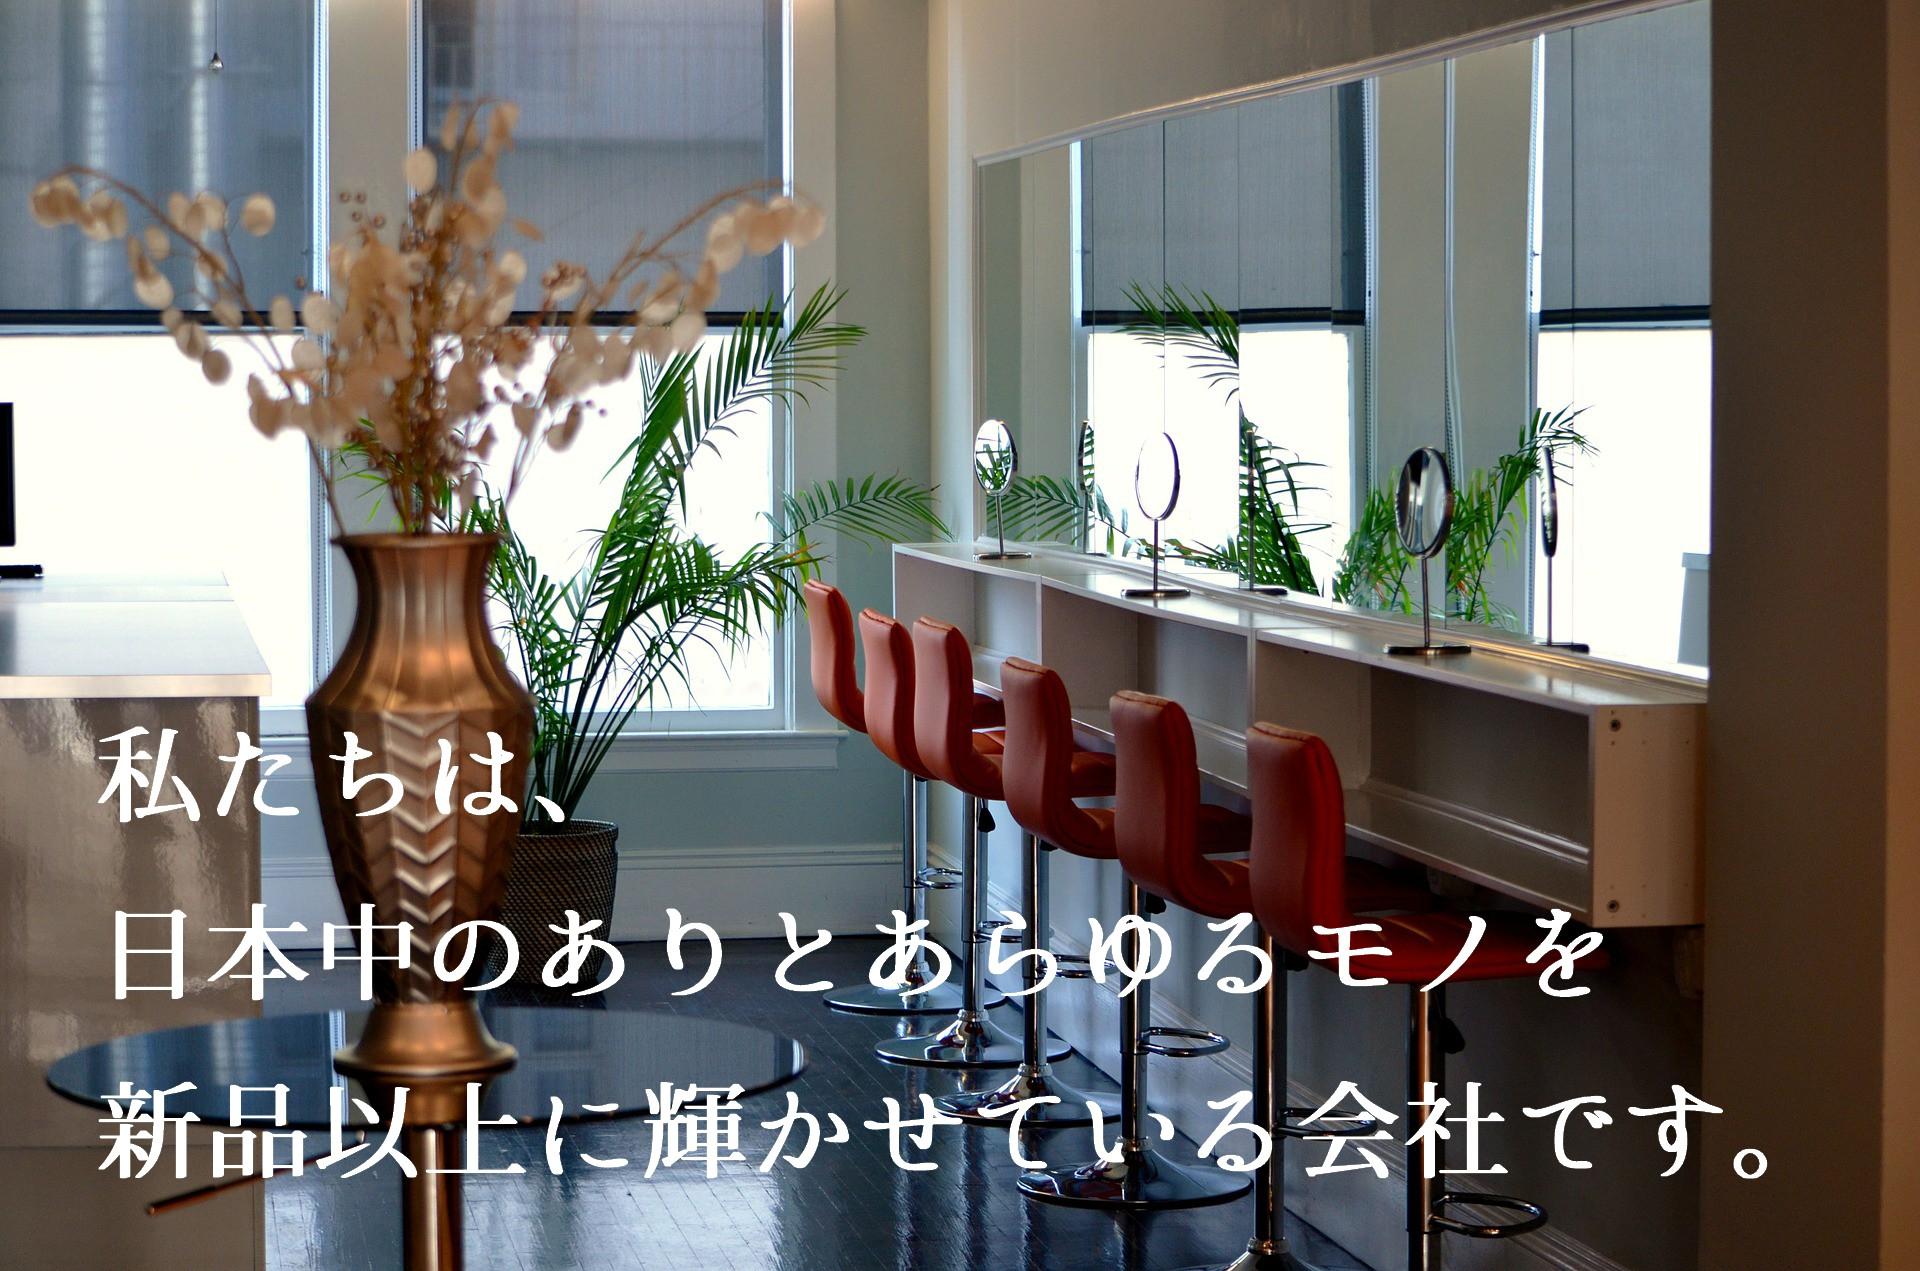 私たちは日本中のありとあらゆるモノを新品以上に輝かせている会社です。